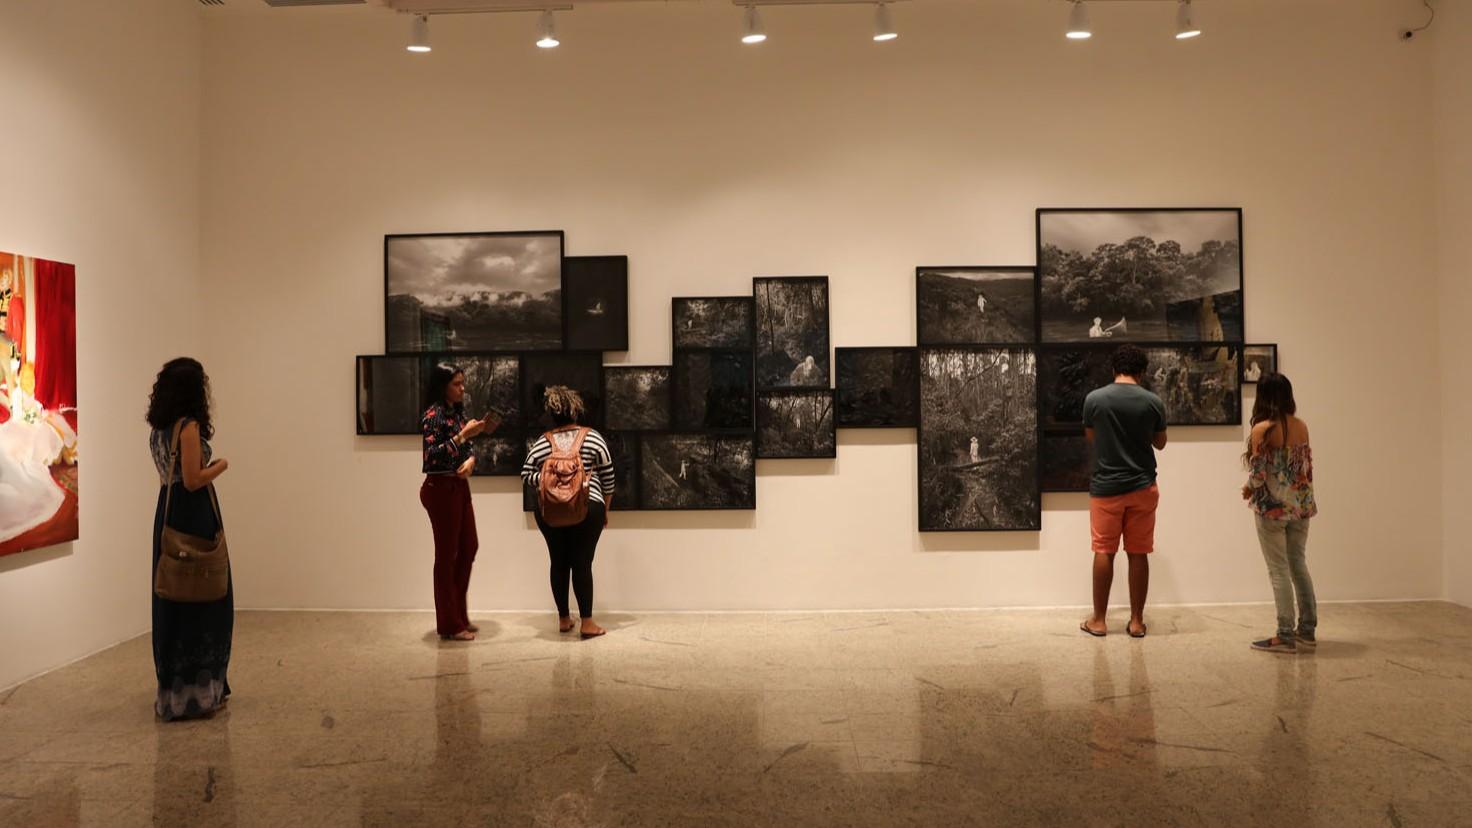 Últimos dias para agendamento de visitas guiadas às exposições do Prêmio Marcantonio Vilaça, em Fortaleza